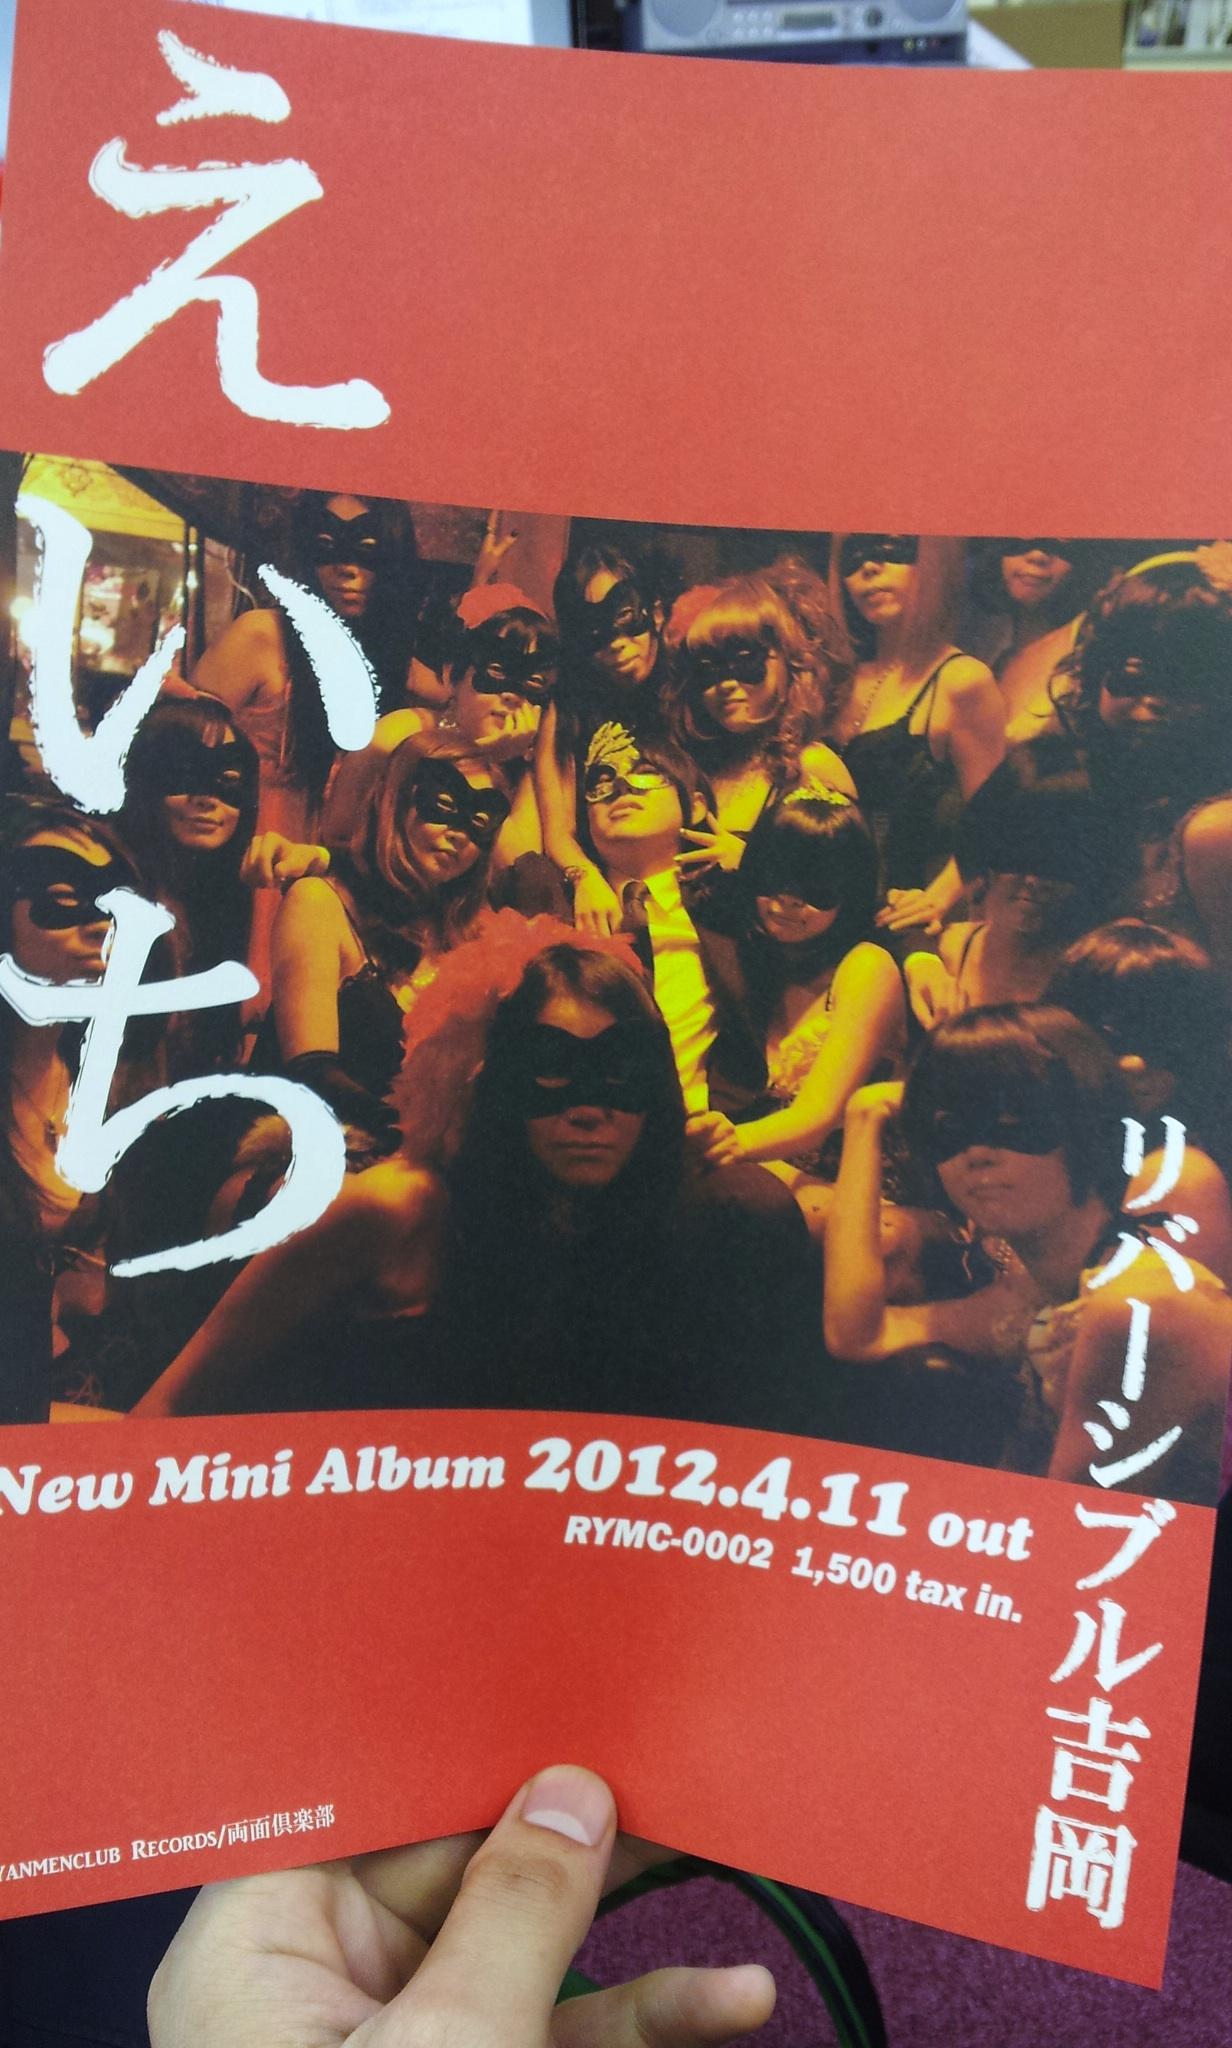 2012-03-29 15.57.13.jpg